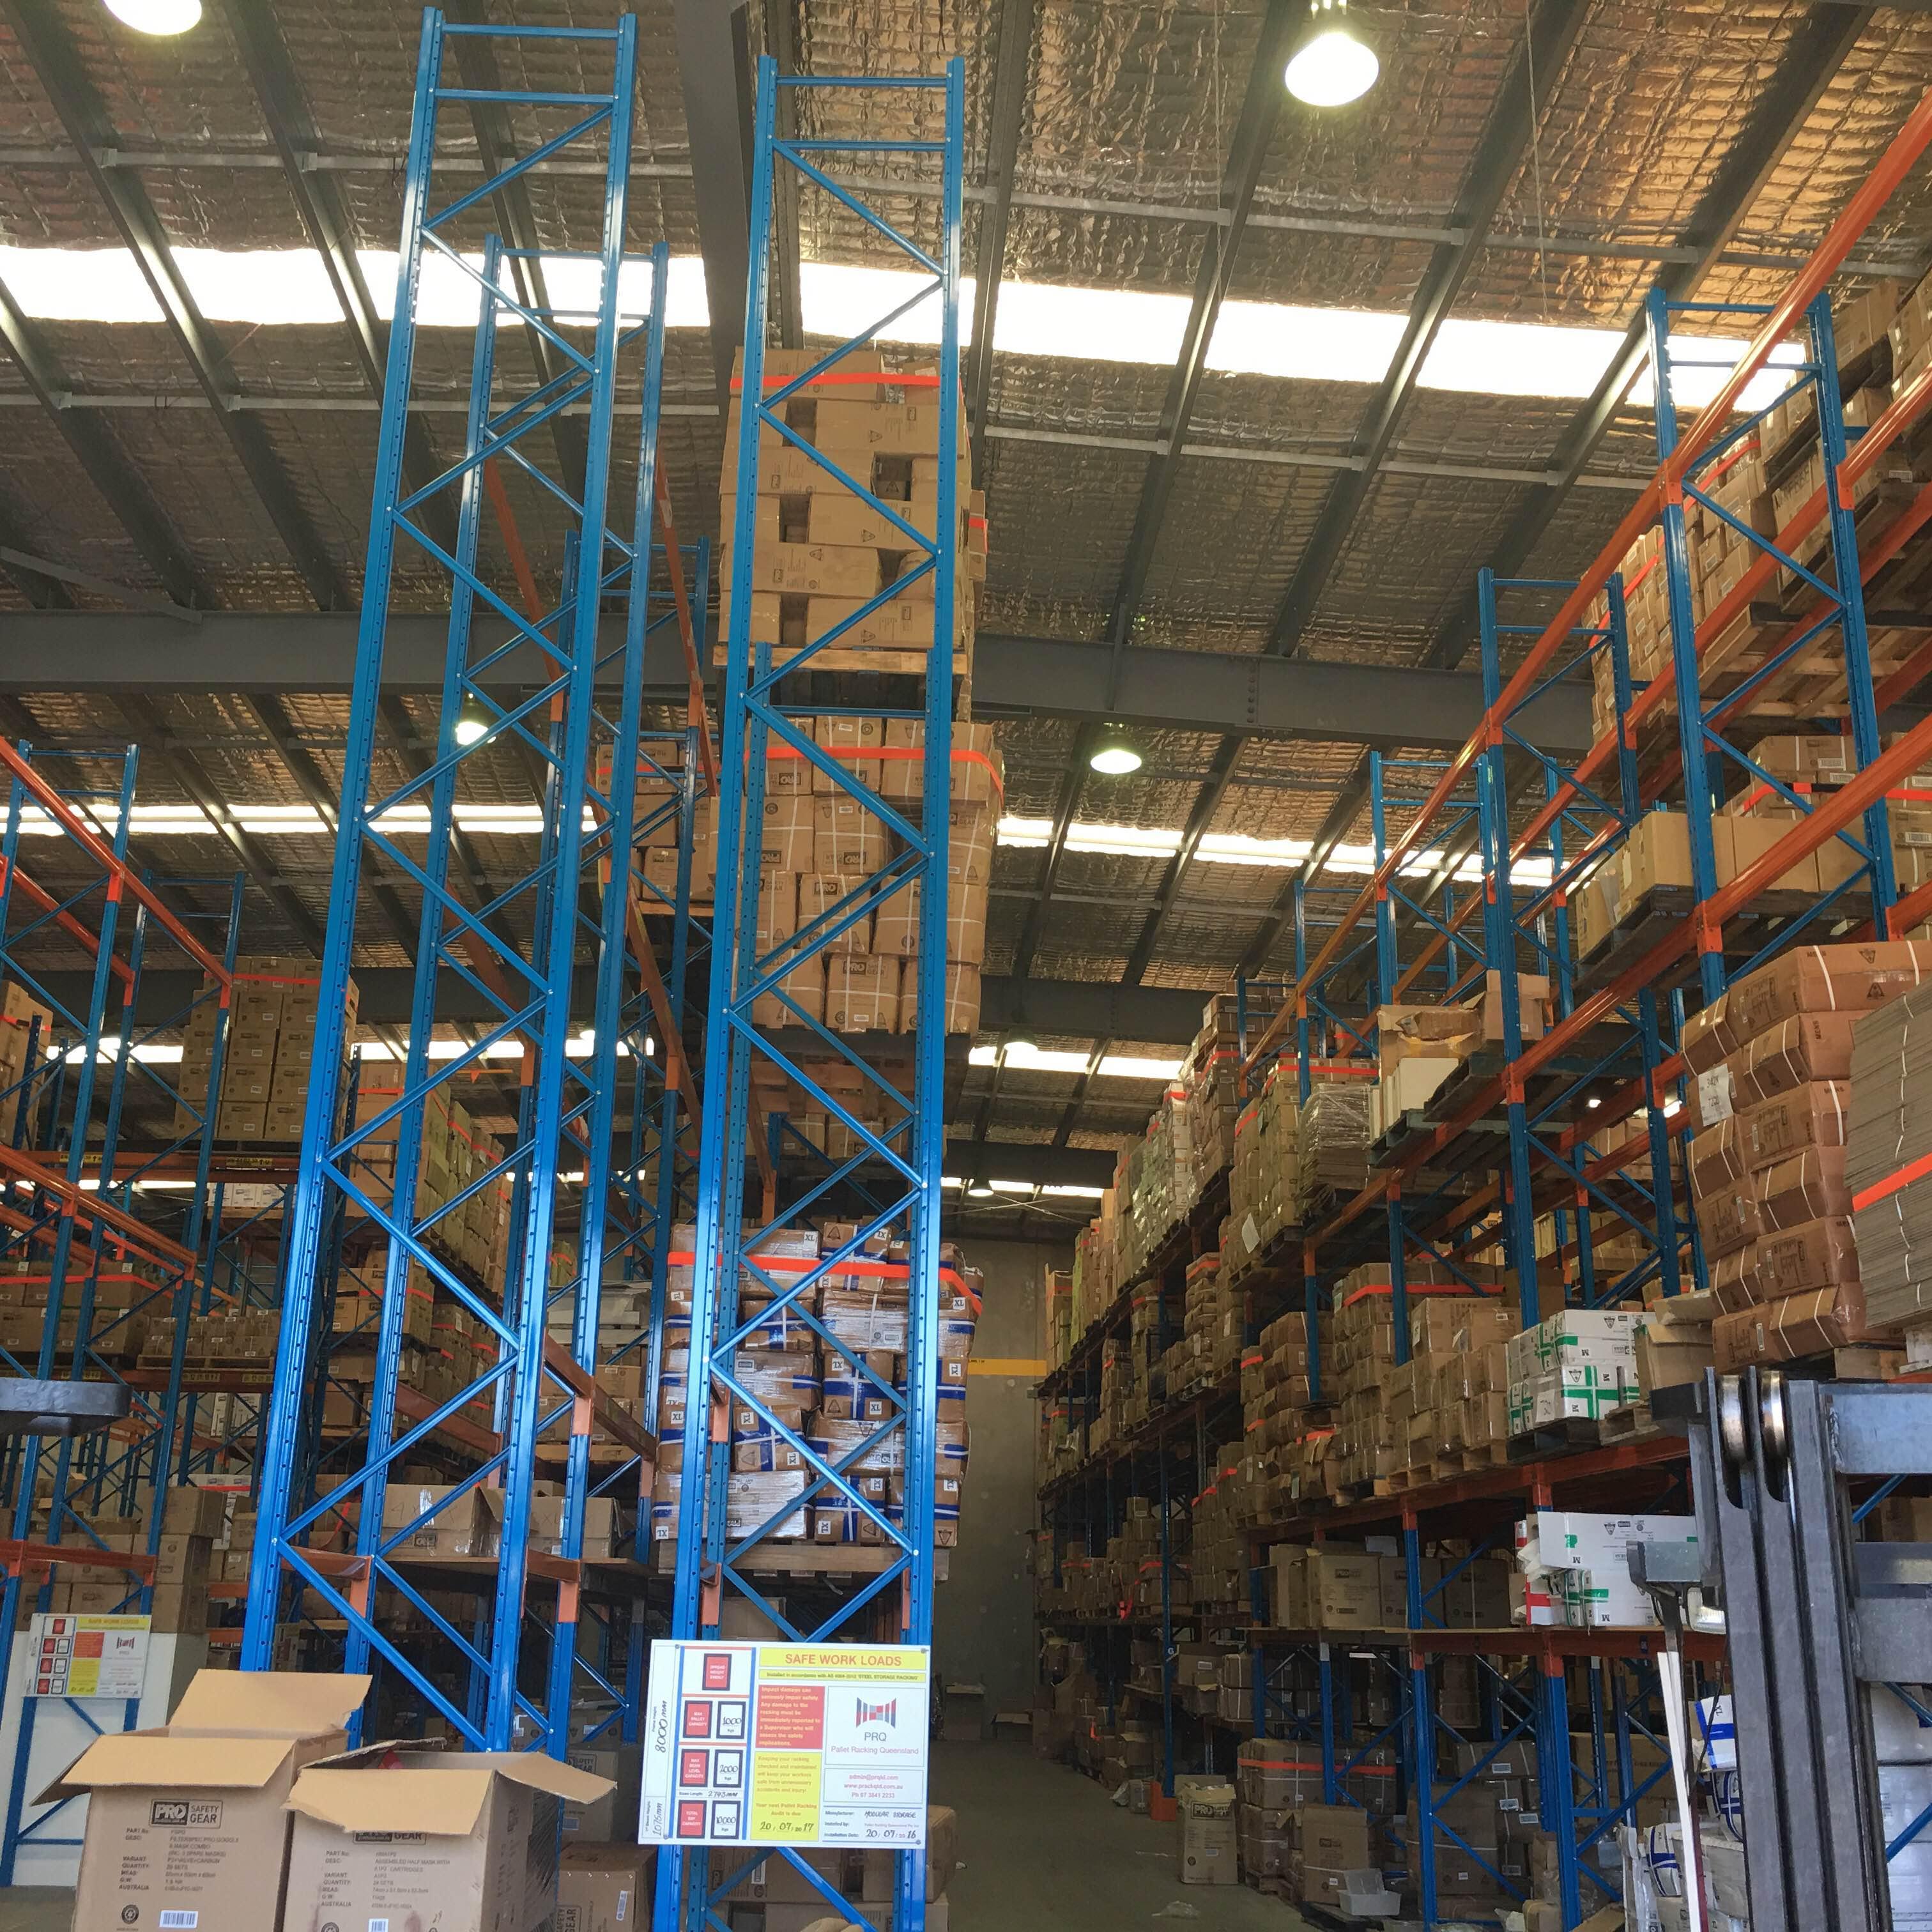 Dexion, pallet racking, warehousing. redesigning warehouse